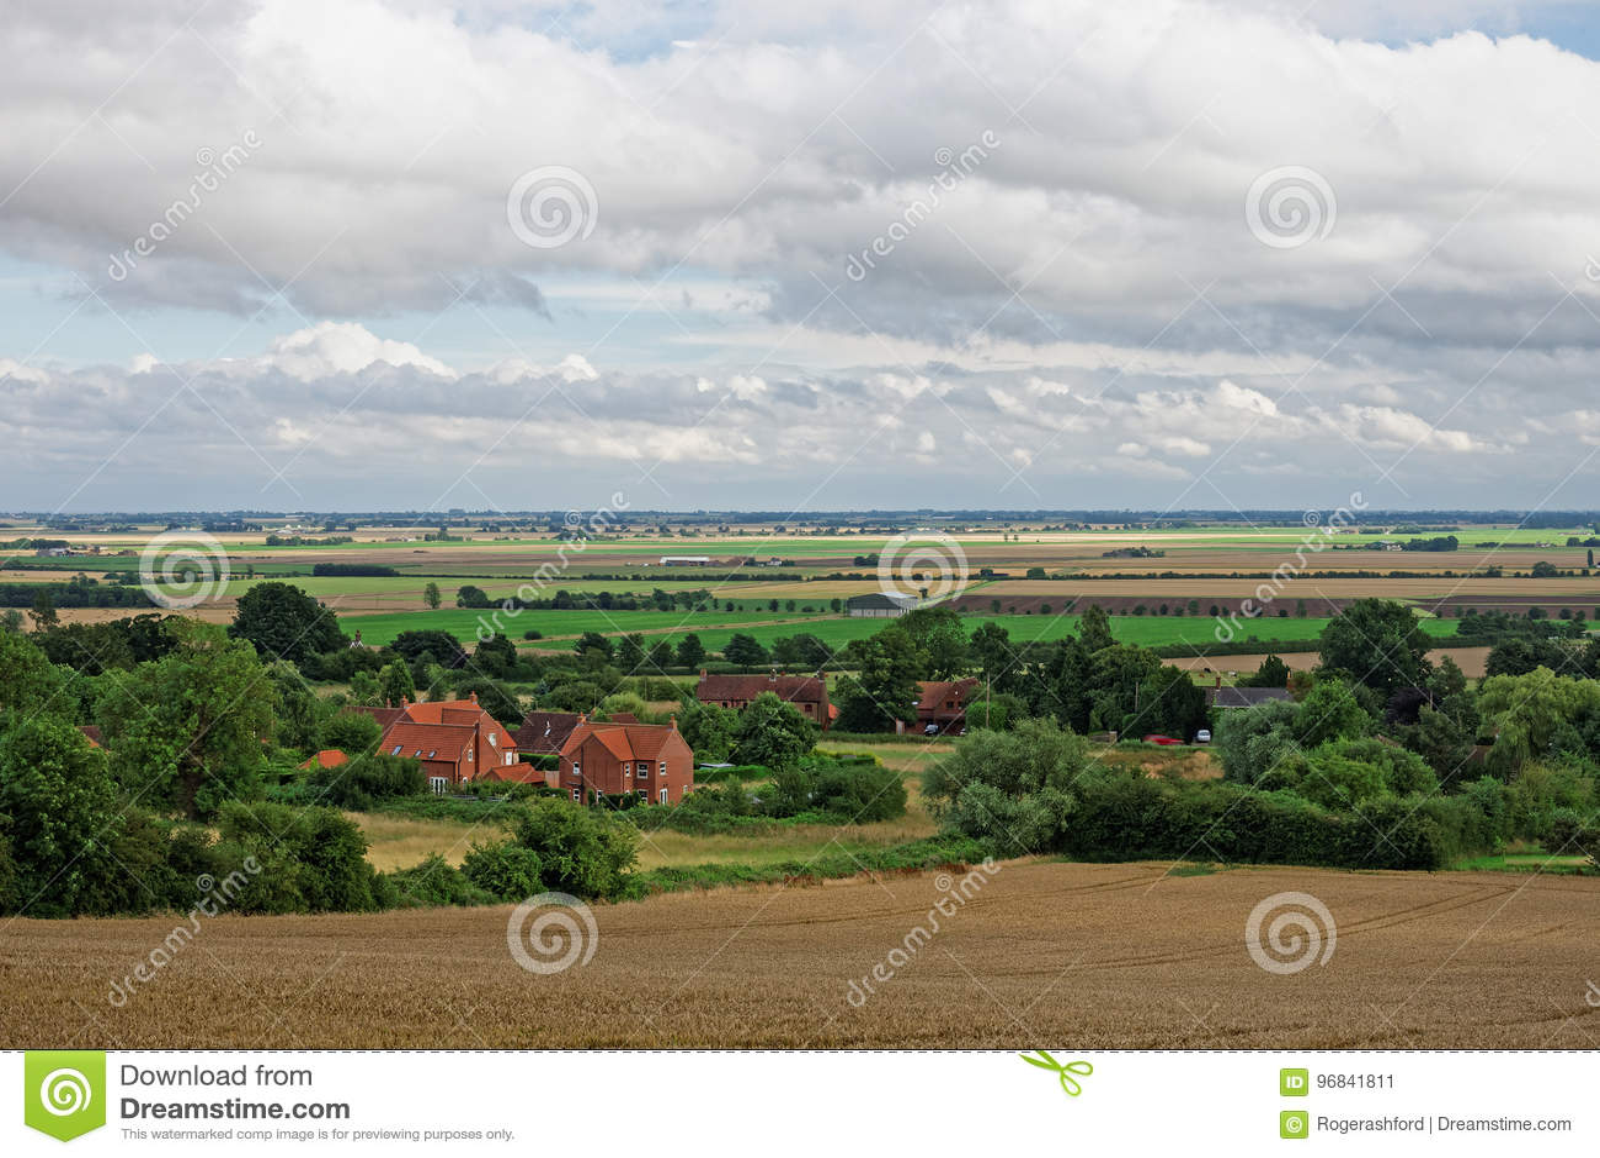 Paludi di Lincolnshire vedute da una collina nei Wolds